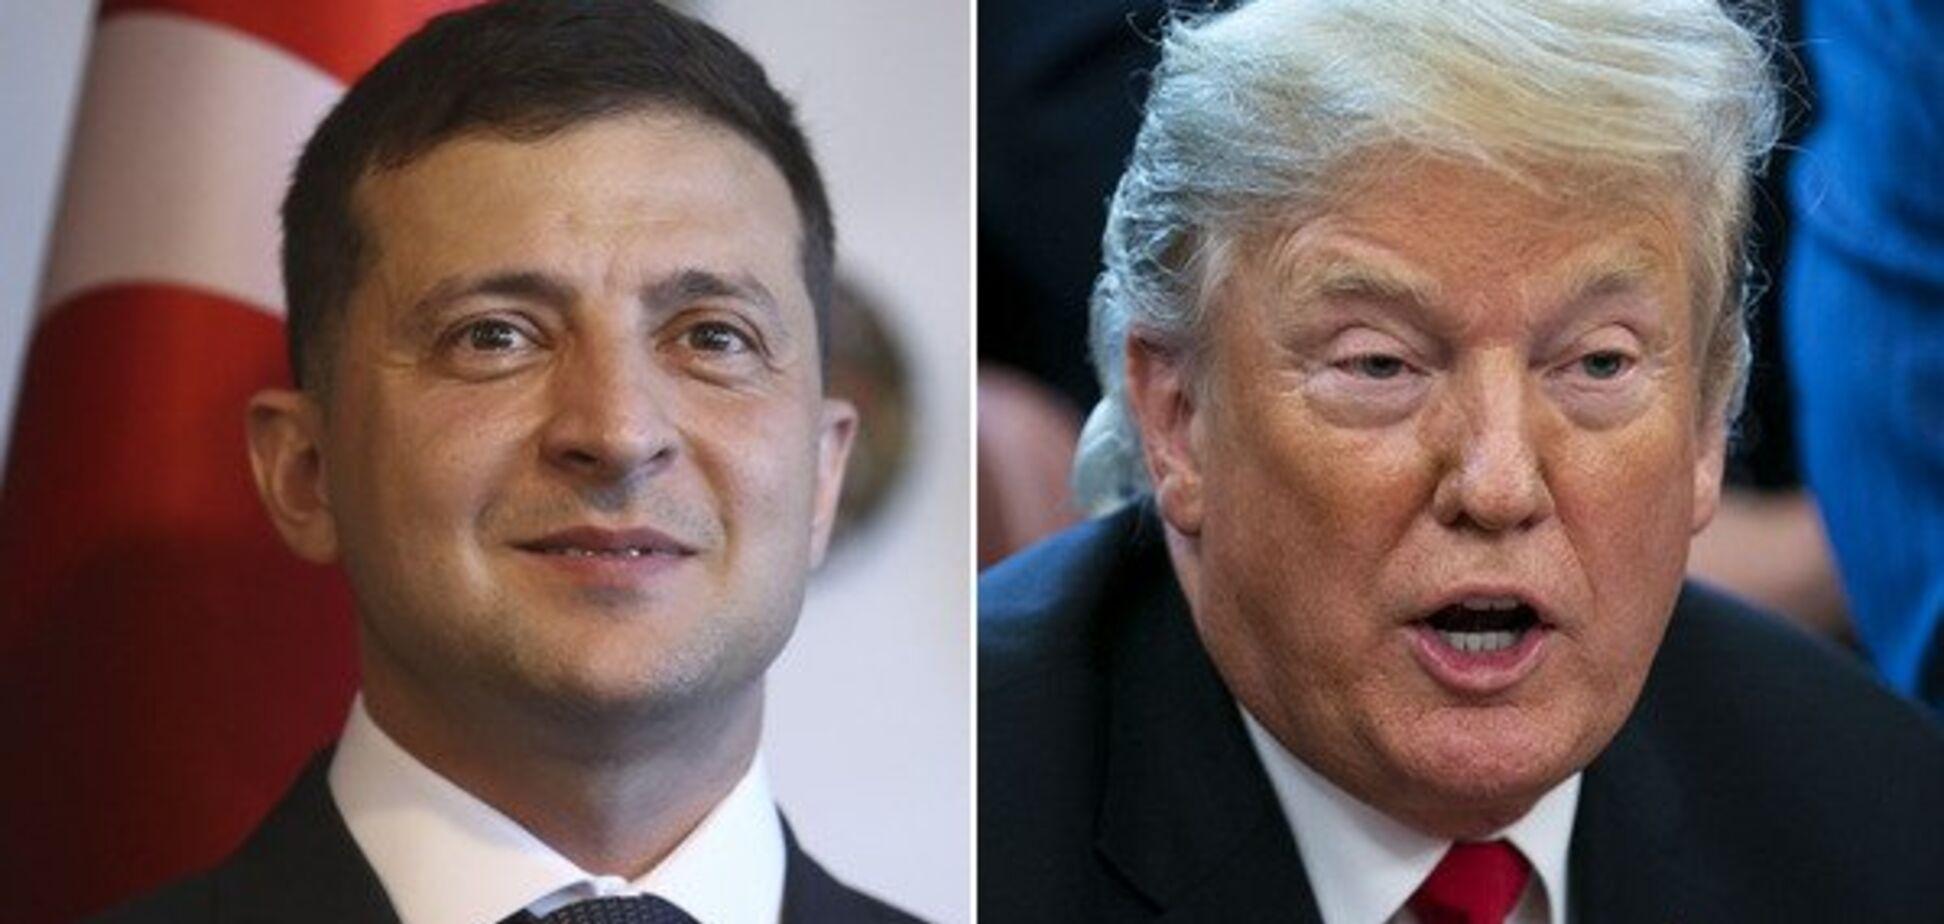 Трампу загрожує імпічмент через Зеленського: як Україна 'вдарила' по Білому дому